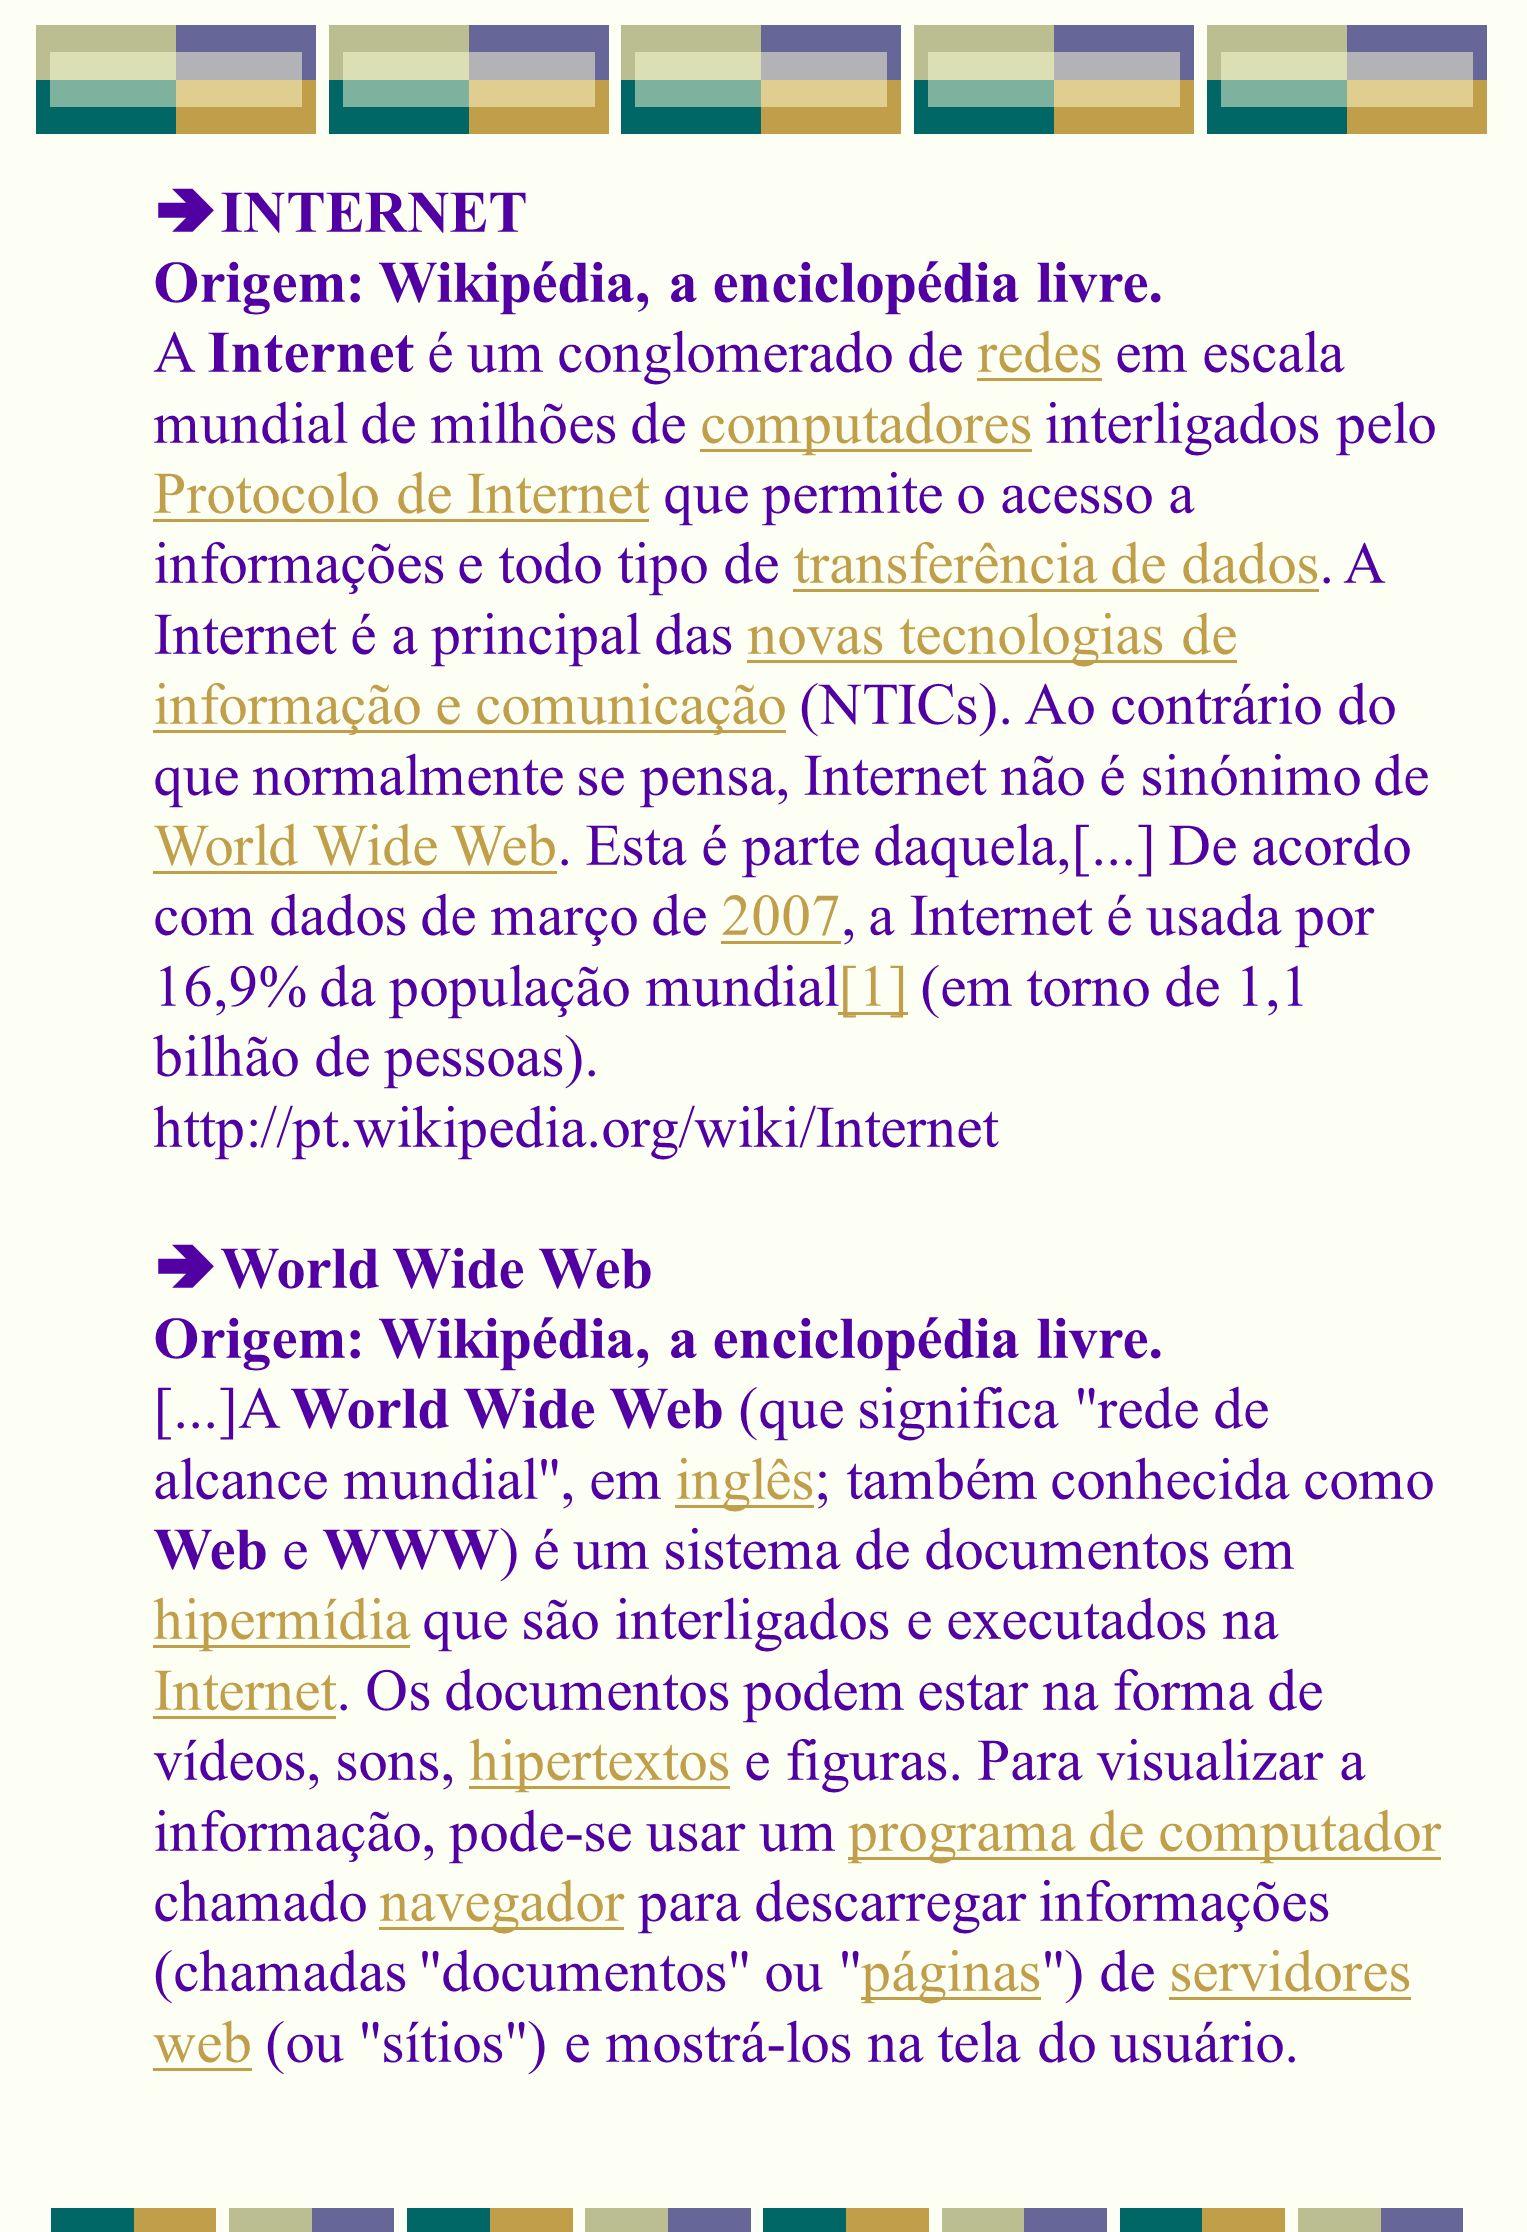 INTERNET Origem: Wikipédia, a enciclopédia livre. A Internet é um conglomerado de redes em escala mundial de milhões de computadores interligados pelo